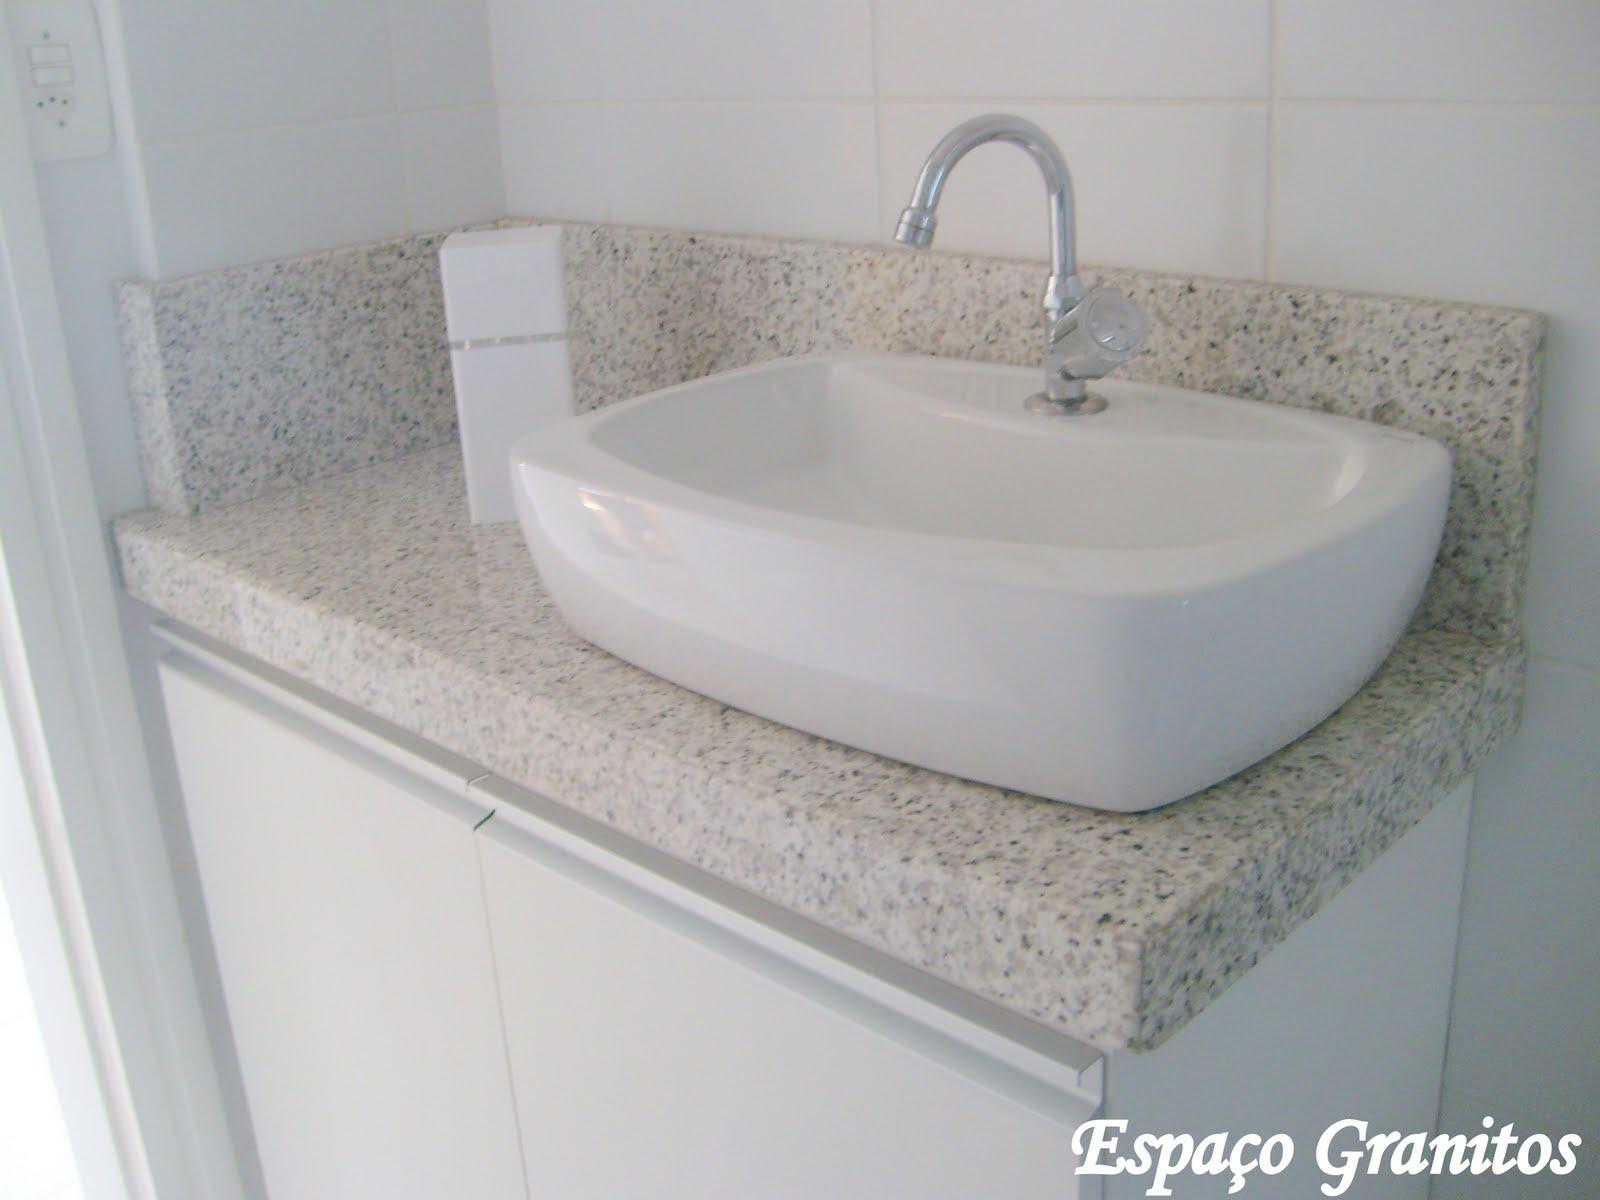 Banheiro Granito Branco Dallas Pictures #5B5E51 1600x1200 Banheiro Com Granito Branco Siena